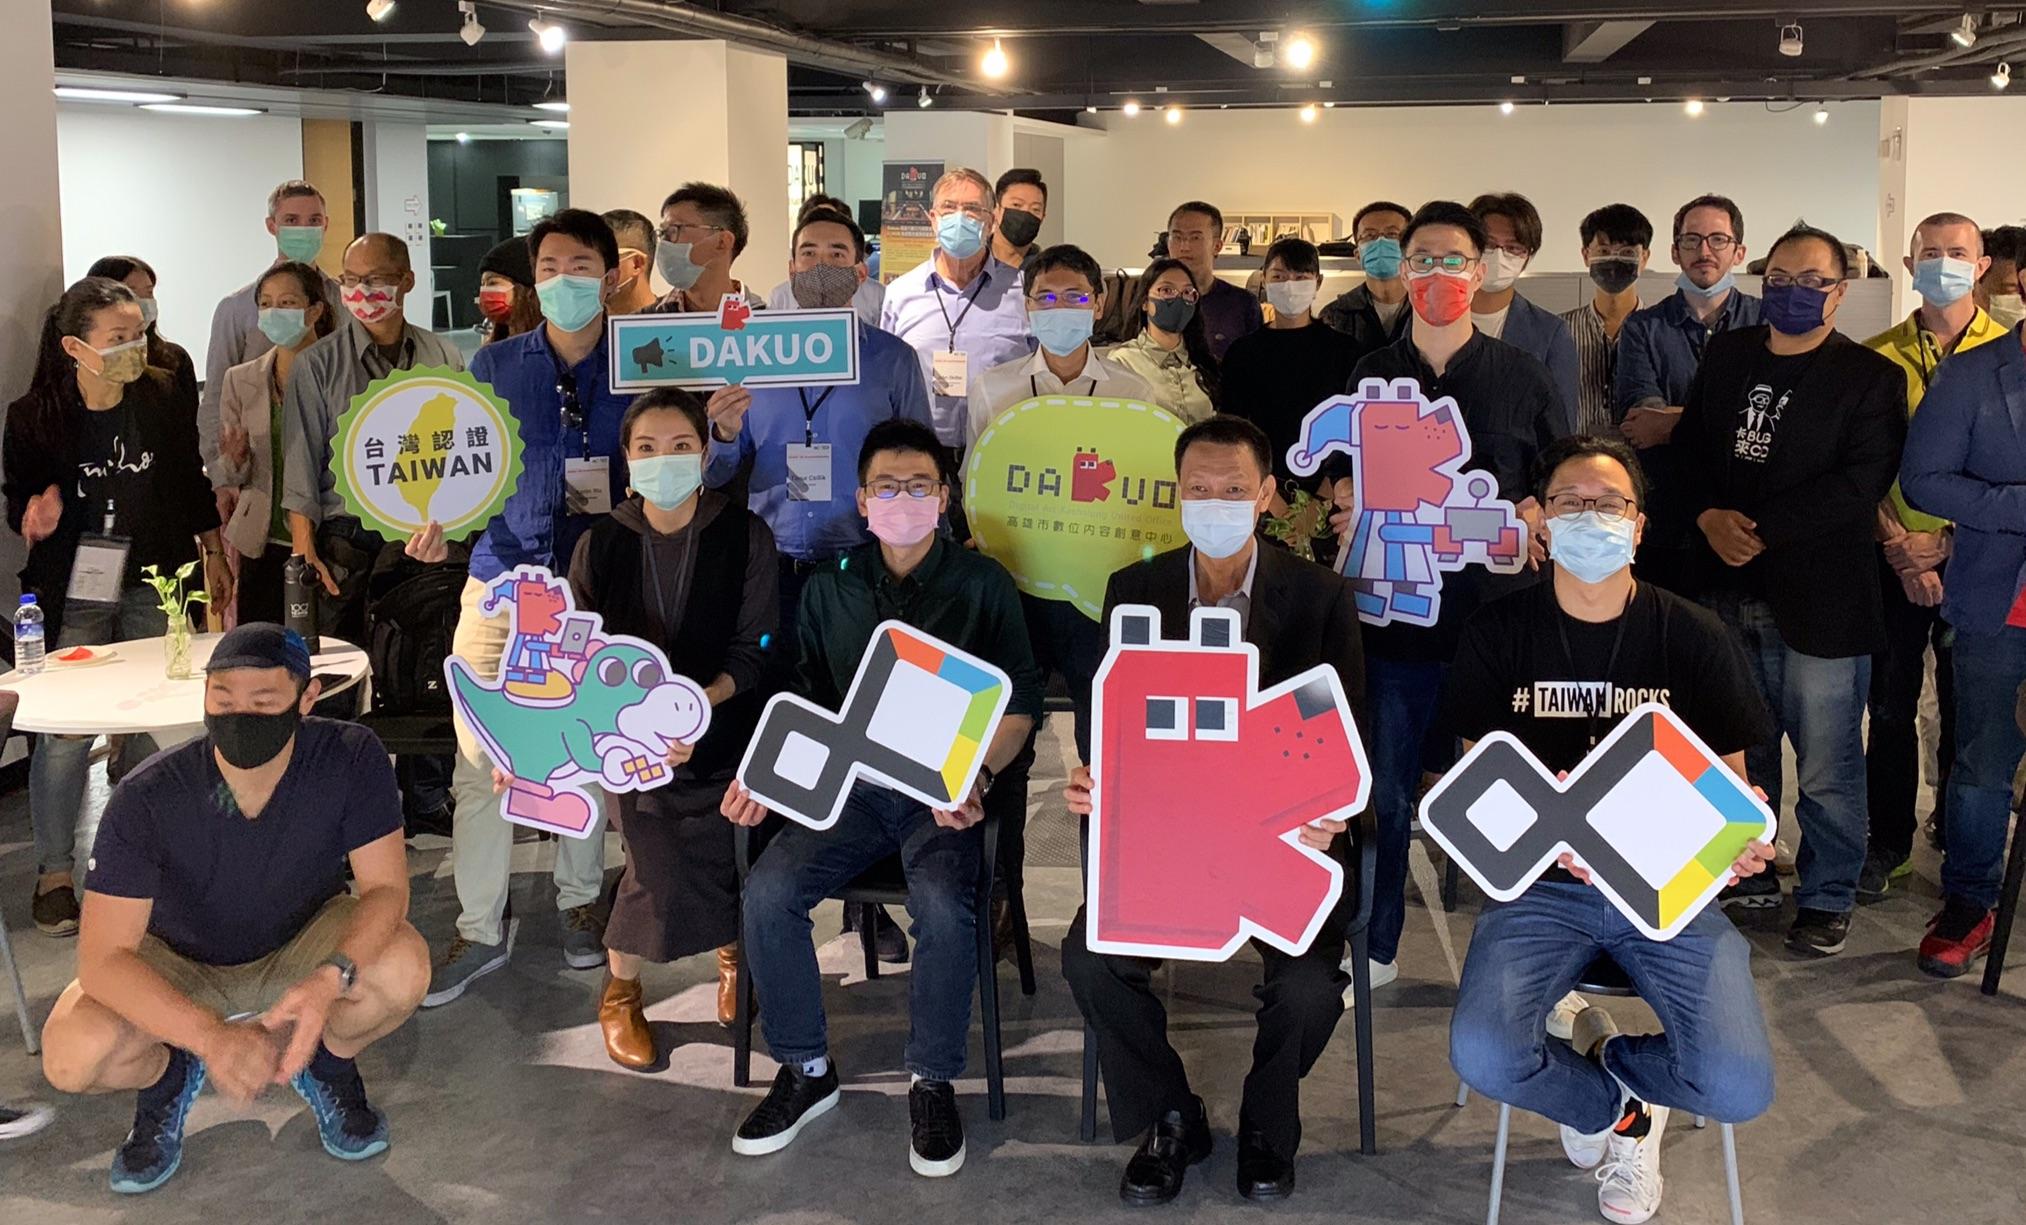 國家級新創Startup Island TAIWAN首場合作活動在高雄! 海內外投資人與新創業者深度交流